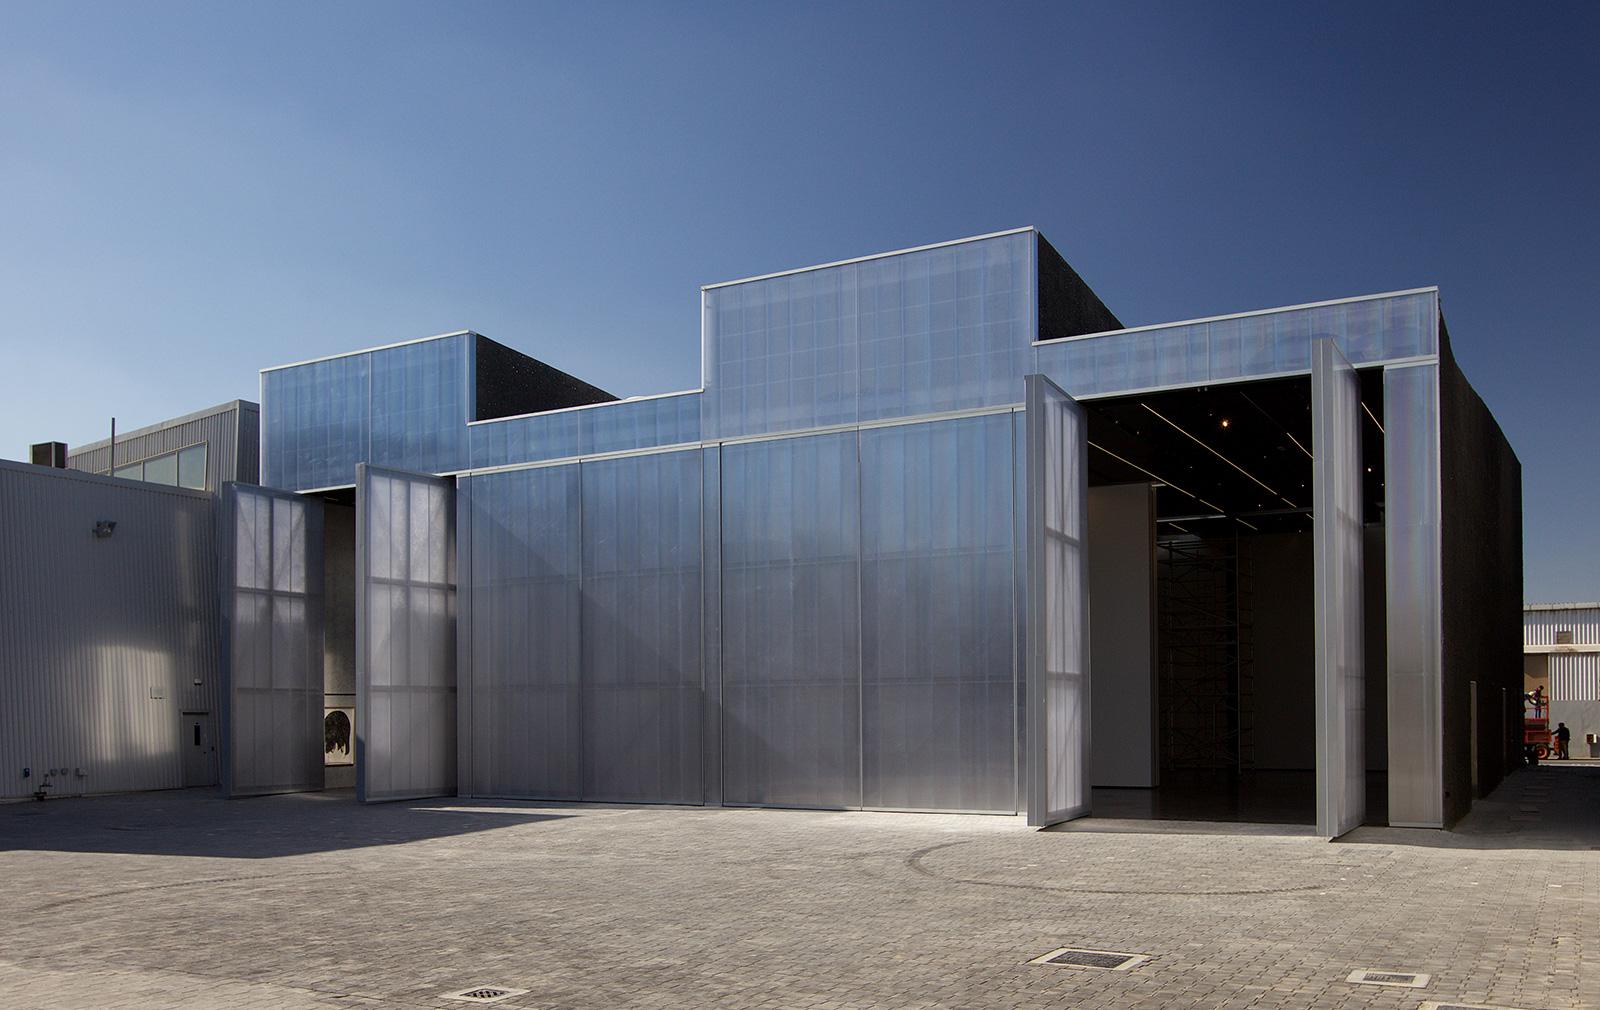 Concrete cultural space by OMA on Dubai's Alserkal Avenue